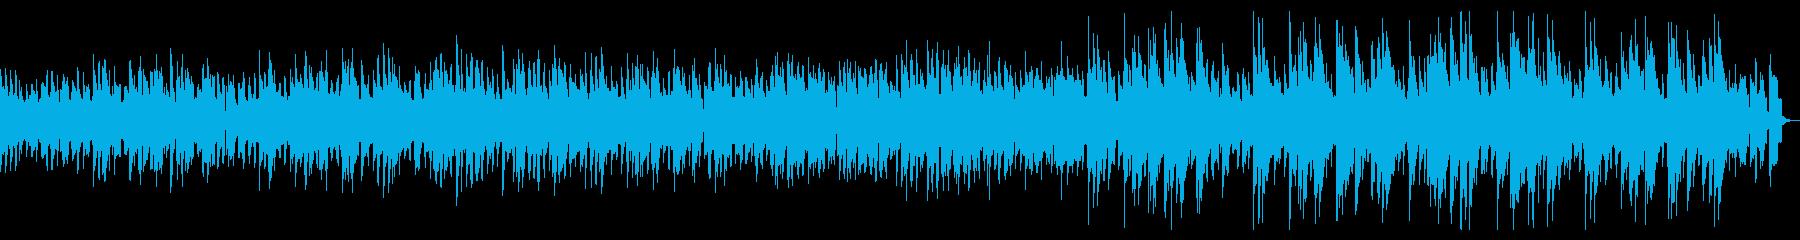 ピアノによるしっとりバラードジャズの再生済みの波形